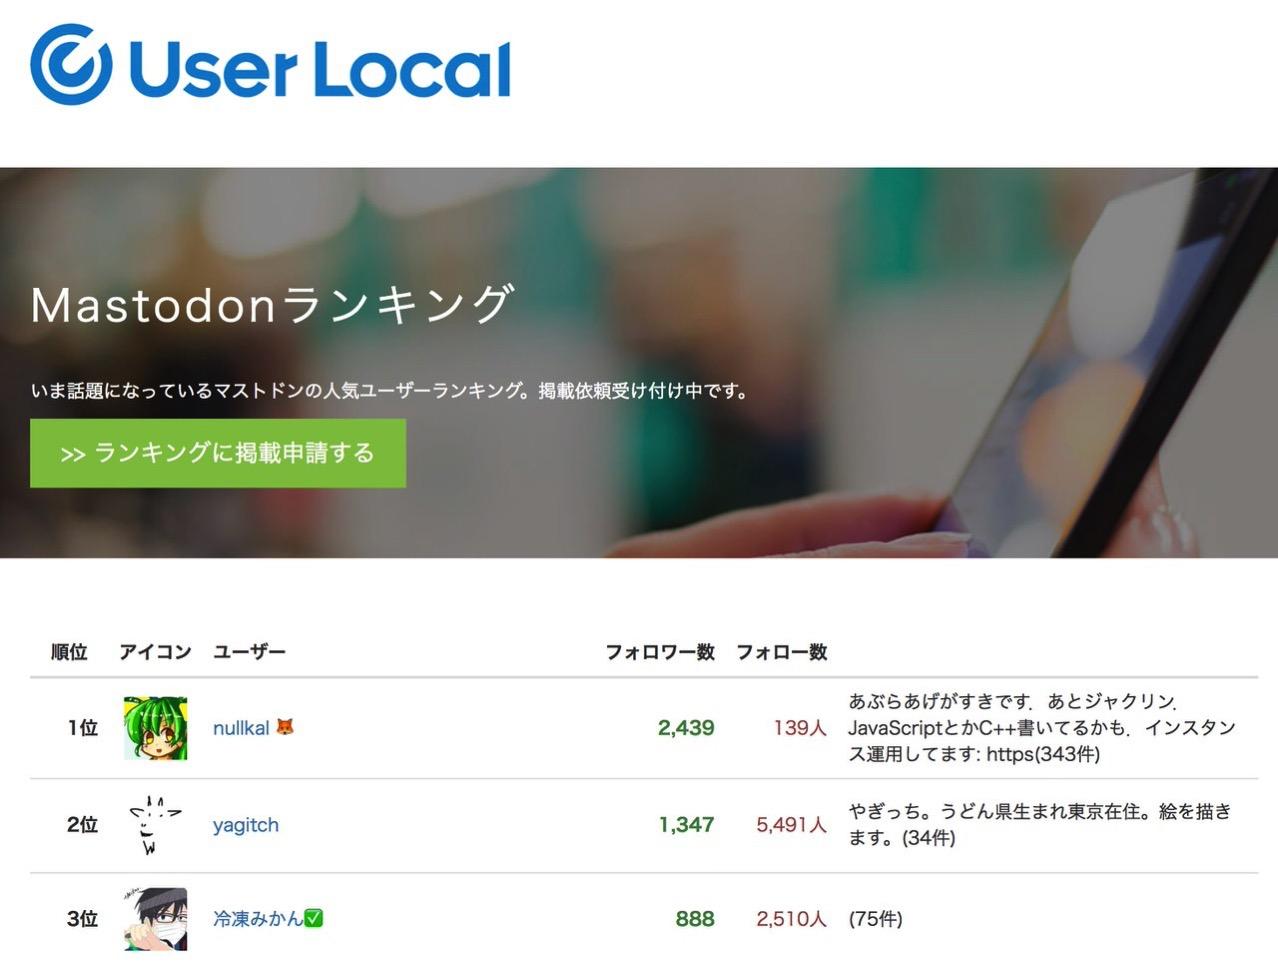 ユーザーローカルが「マストドン」のユーザーランキングを公開